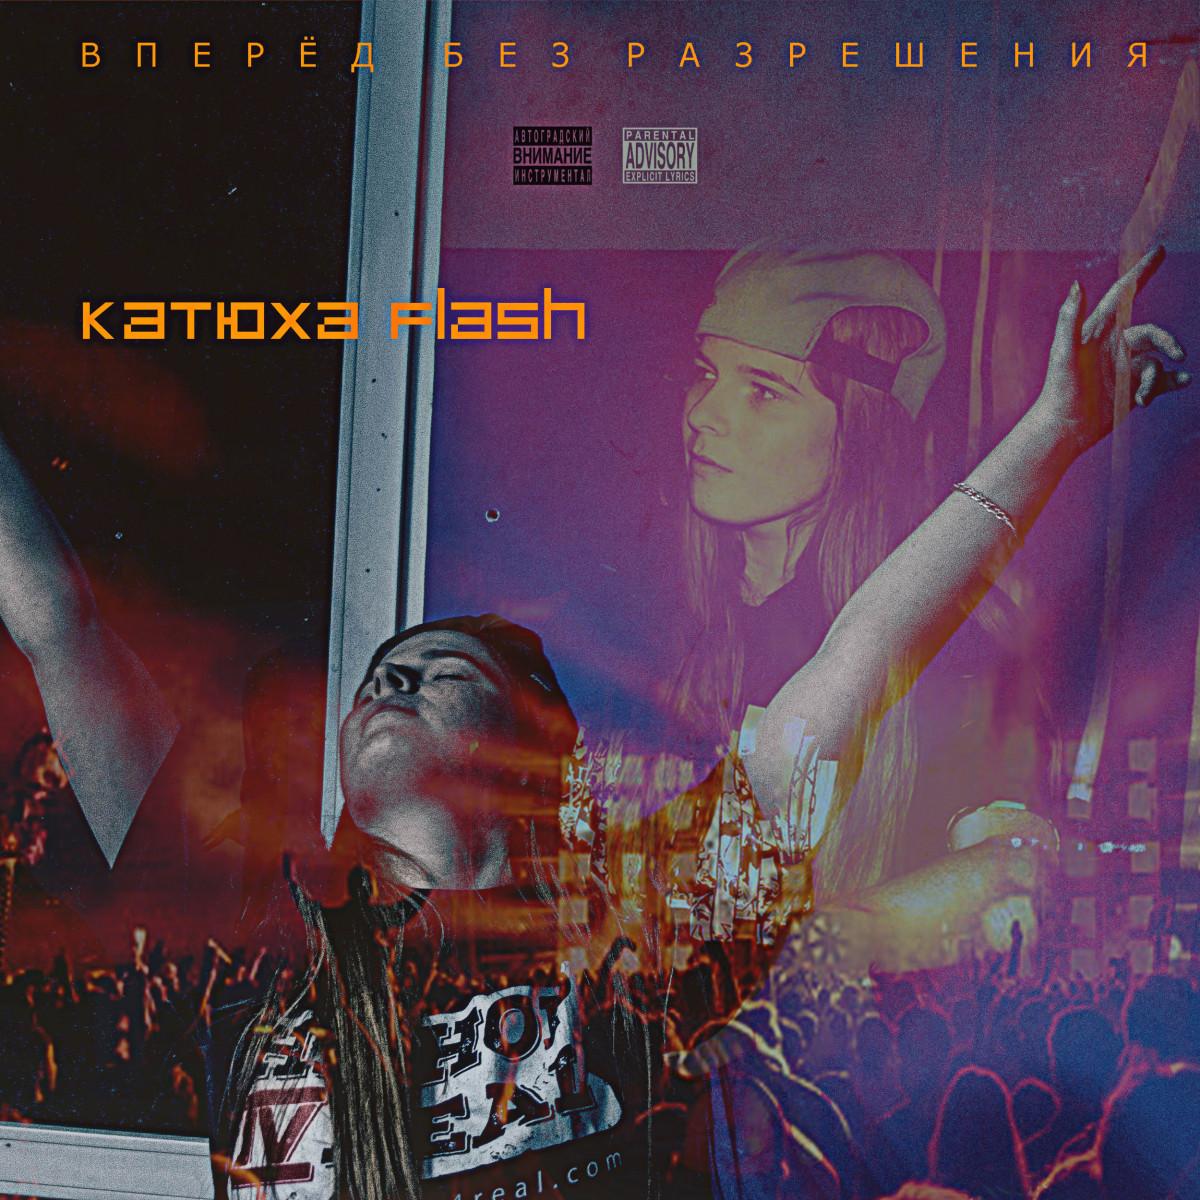 Катюха Flash — «Вперёд без разрешения»